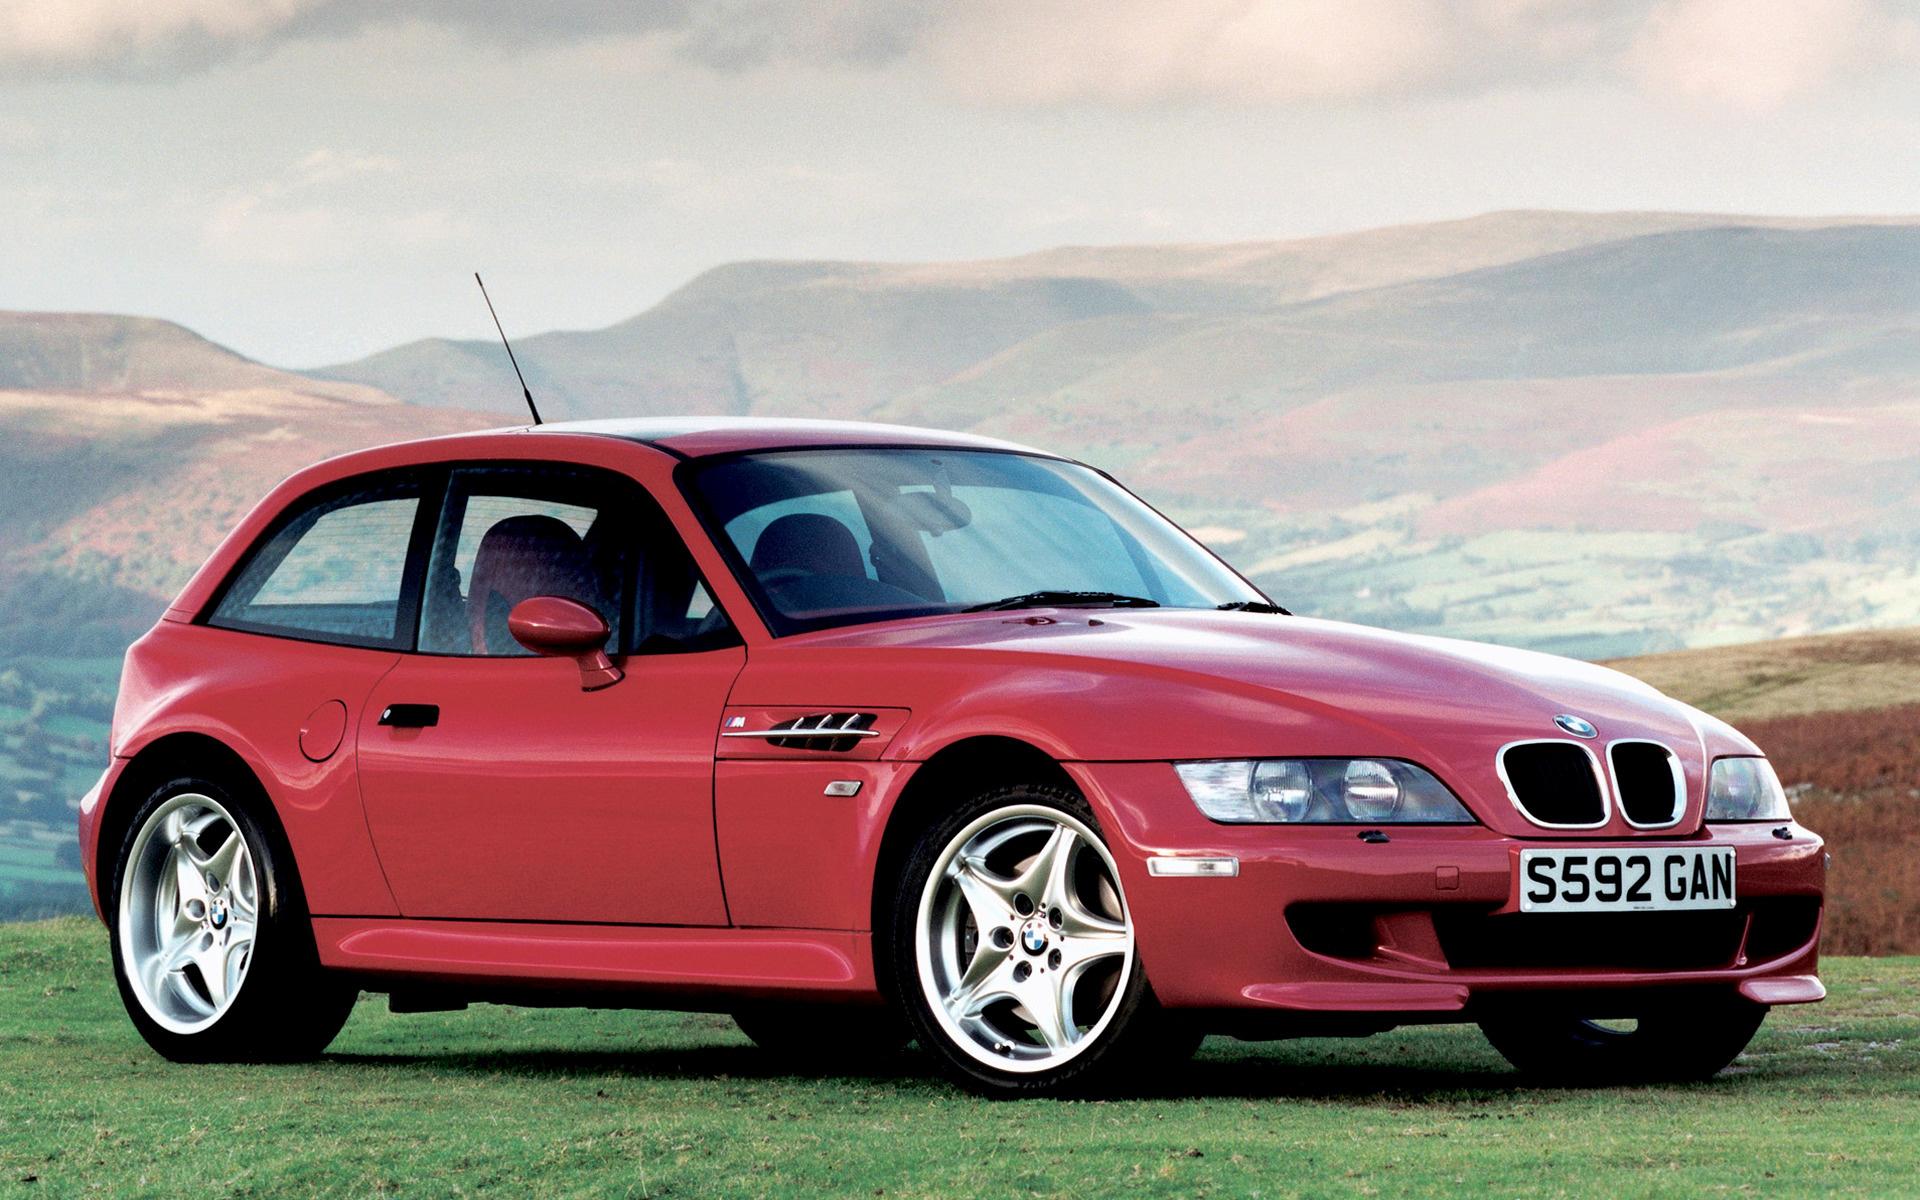 1998 Bmw Z3 M Coupe Uk Papeis De Parede E Imagens De Fundo Em Hd Car Pixel